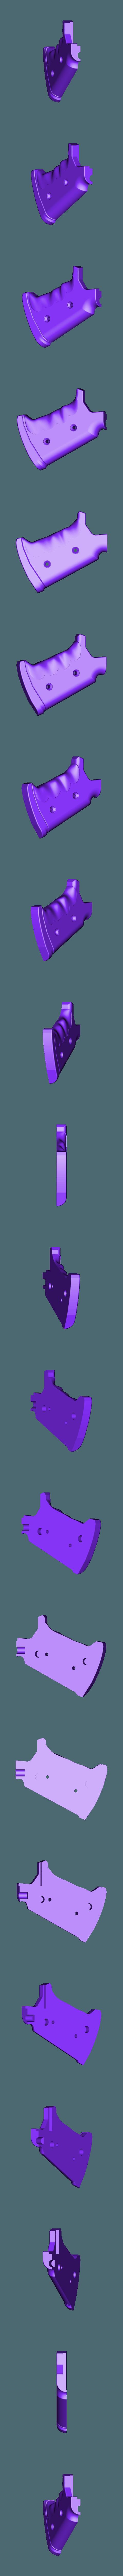 grip_2.stl Télécharger fichier STL gratuit POIGNÉE Warhammer 40K • Modèle pour imprimante 3D, TheTNR